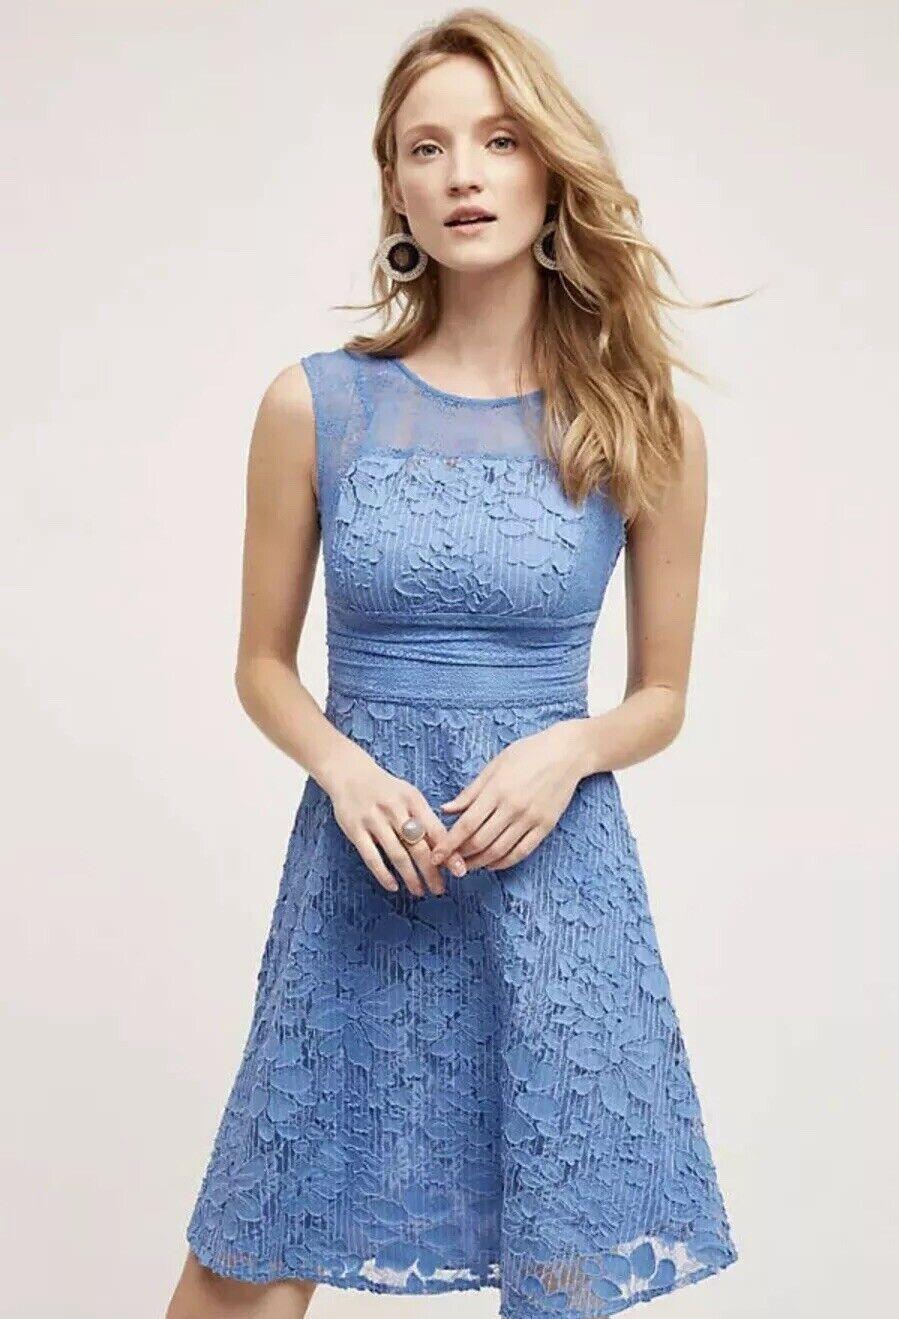 Anthropologie Liliflora Dress By Moulinette Soeurs  bluee Lace Size Sz 4